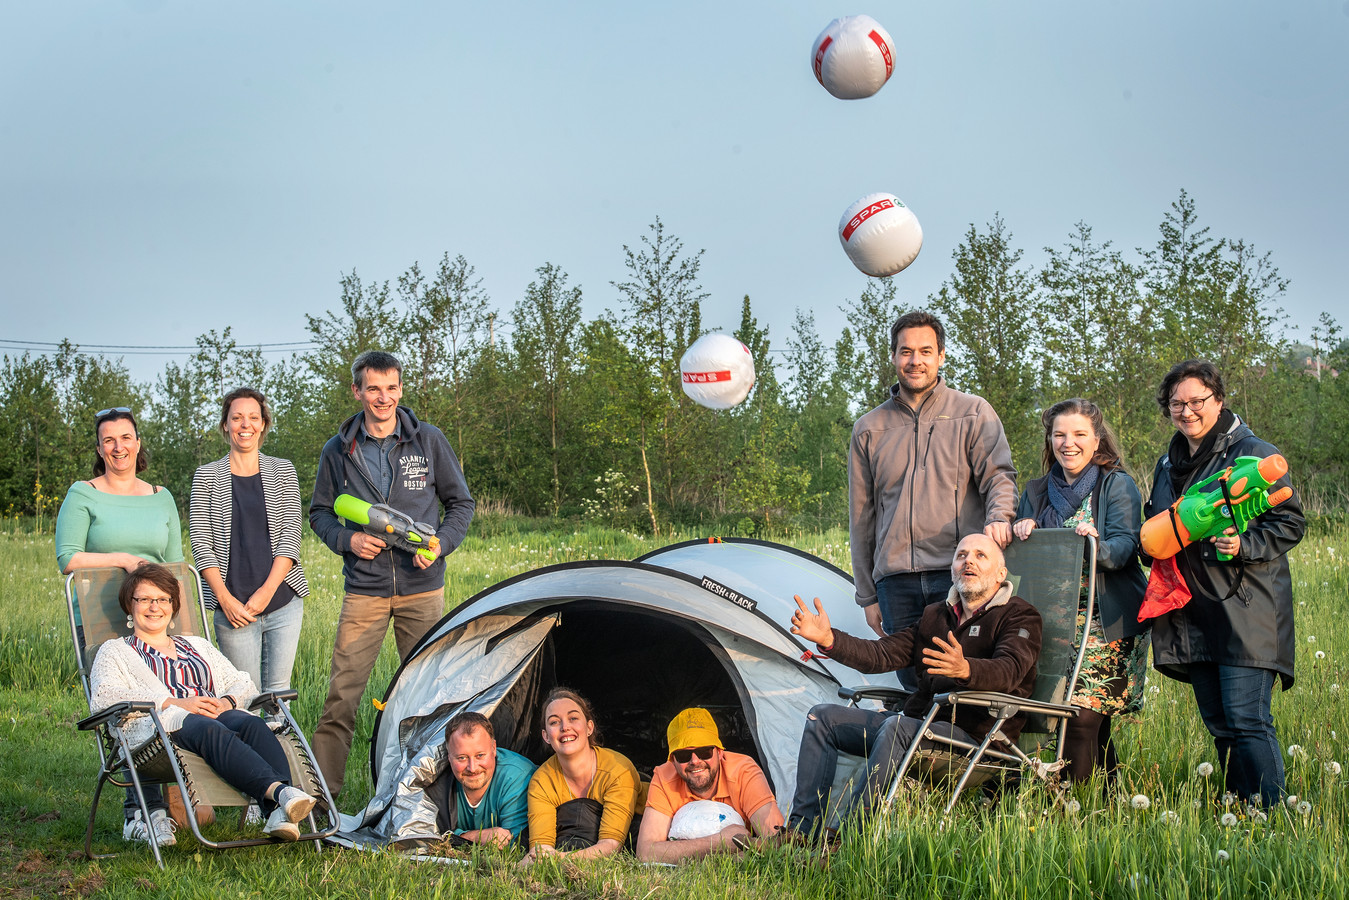 De organiserende werkgroep in precoronatijden. Er is ook in 2021 geen nieuwe editie van camping Eugène, maar de werkgroep komt wel met een alternatief op 19 september.